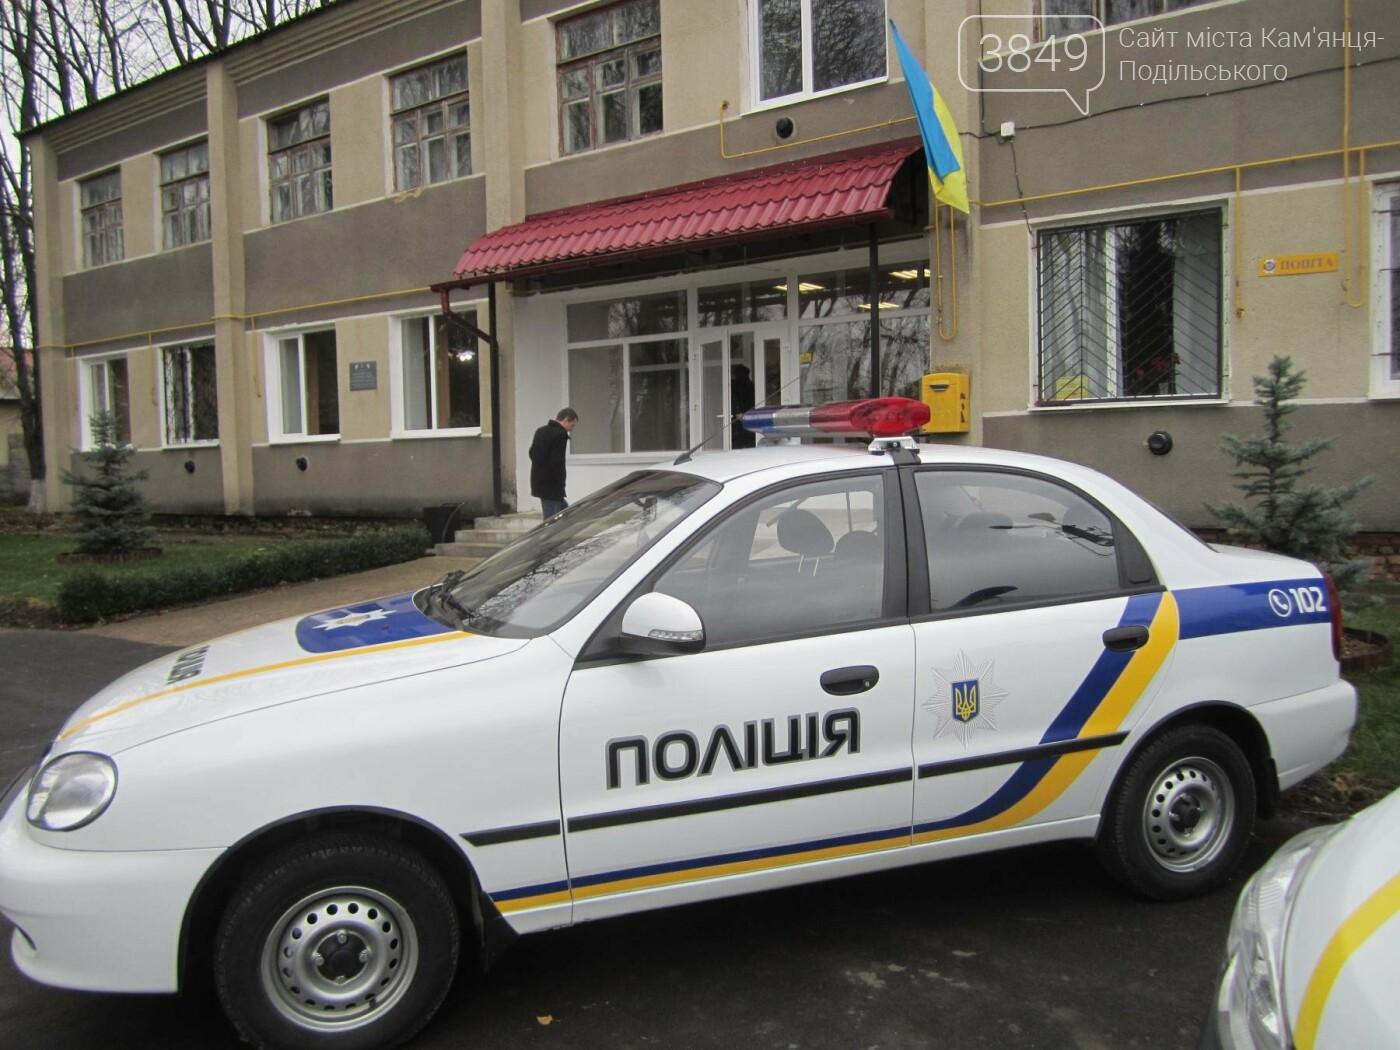 У Колибаївській ОТГ відкрили поліцейську станцію за сприяння ЄС, фото-2